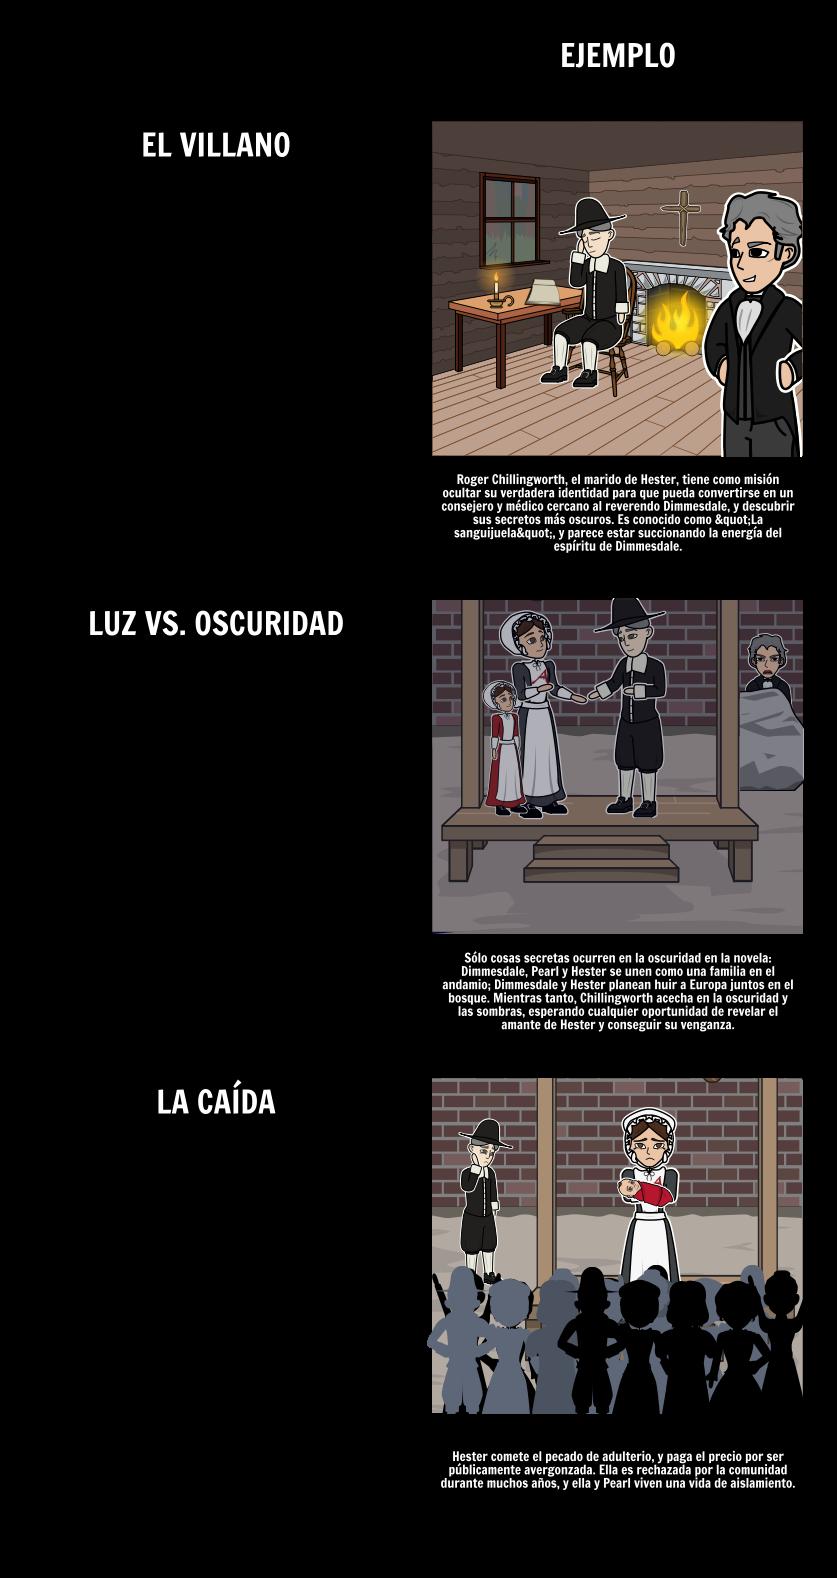 Análisis del Arquetipo Literario en la Carta Escarlata